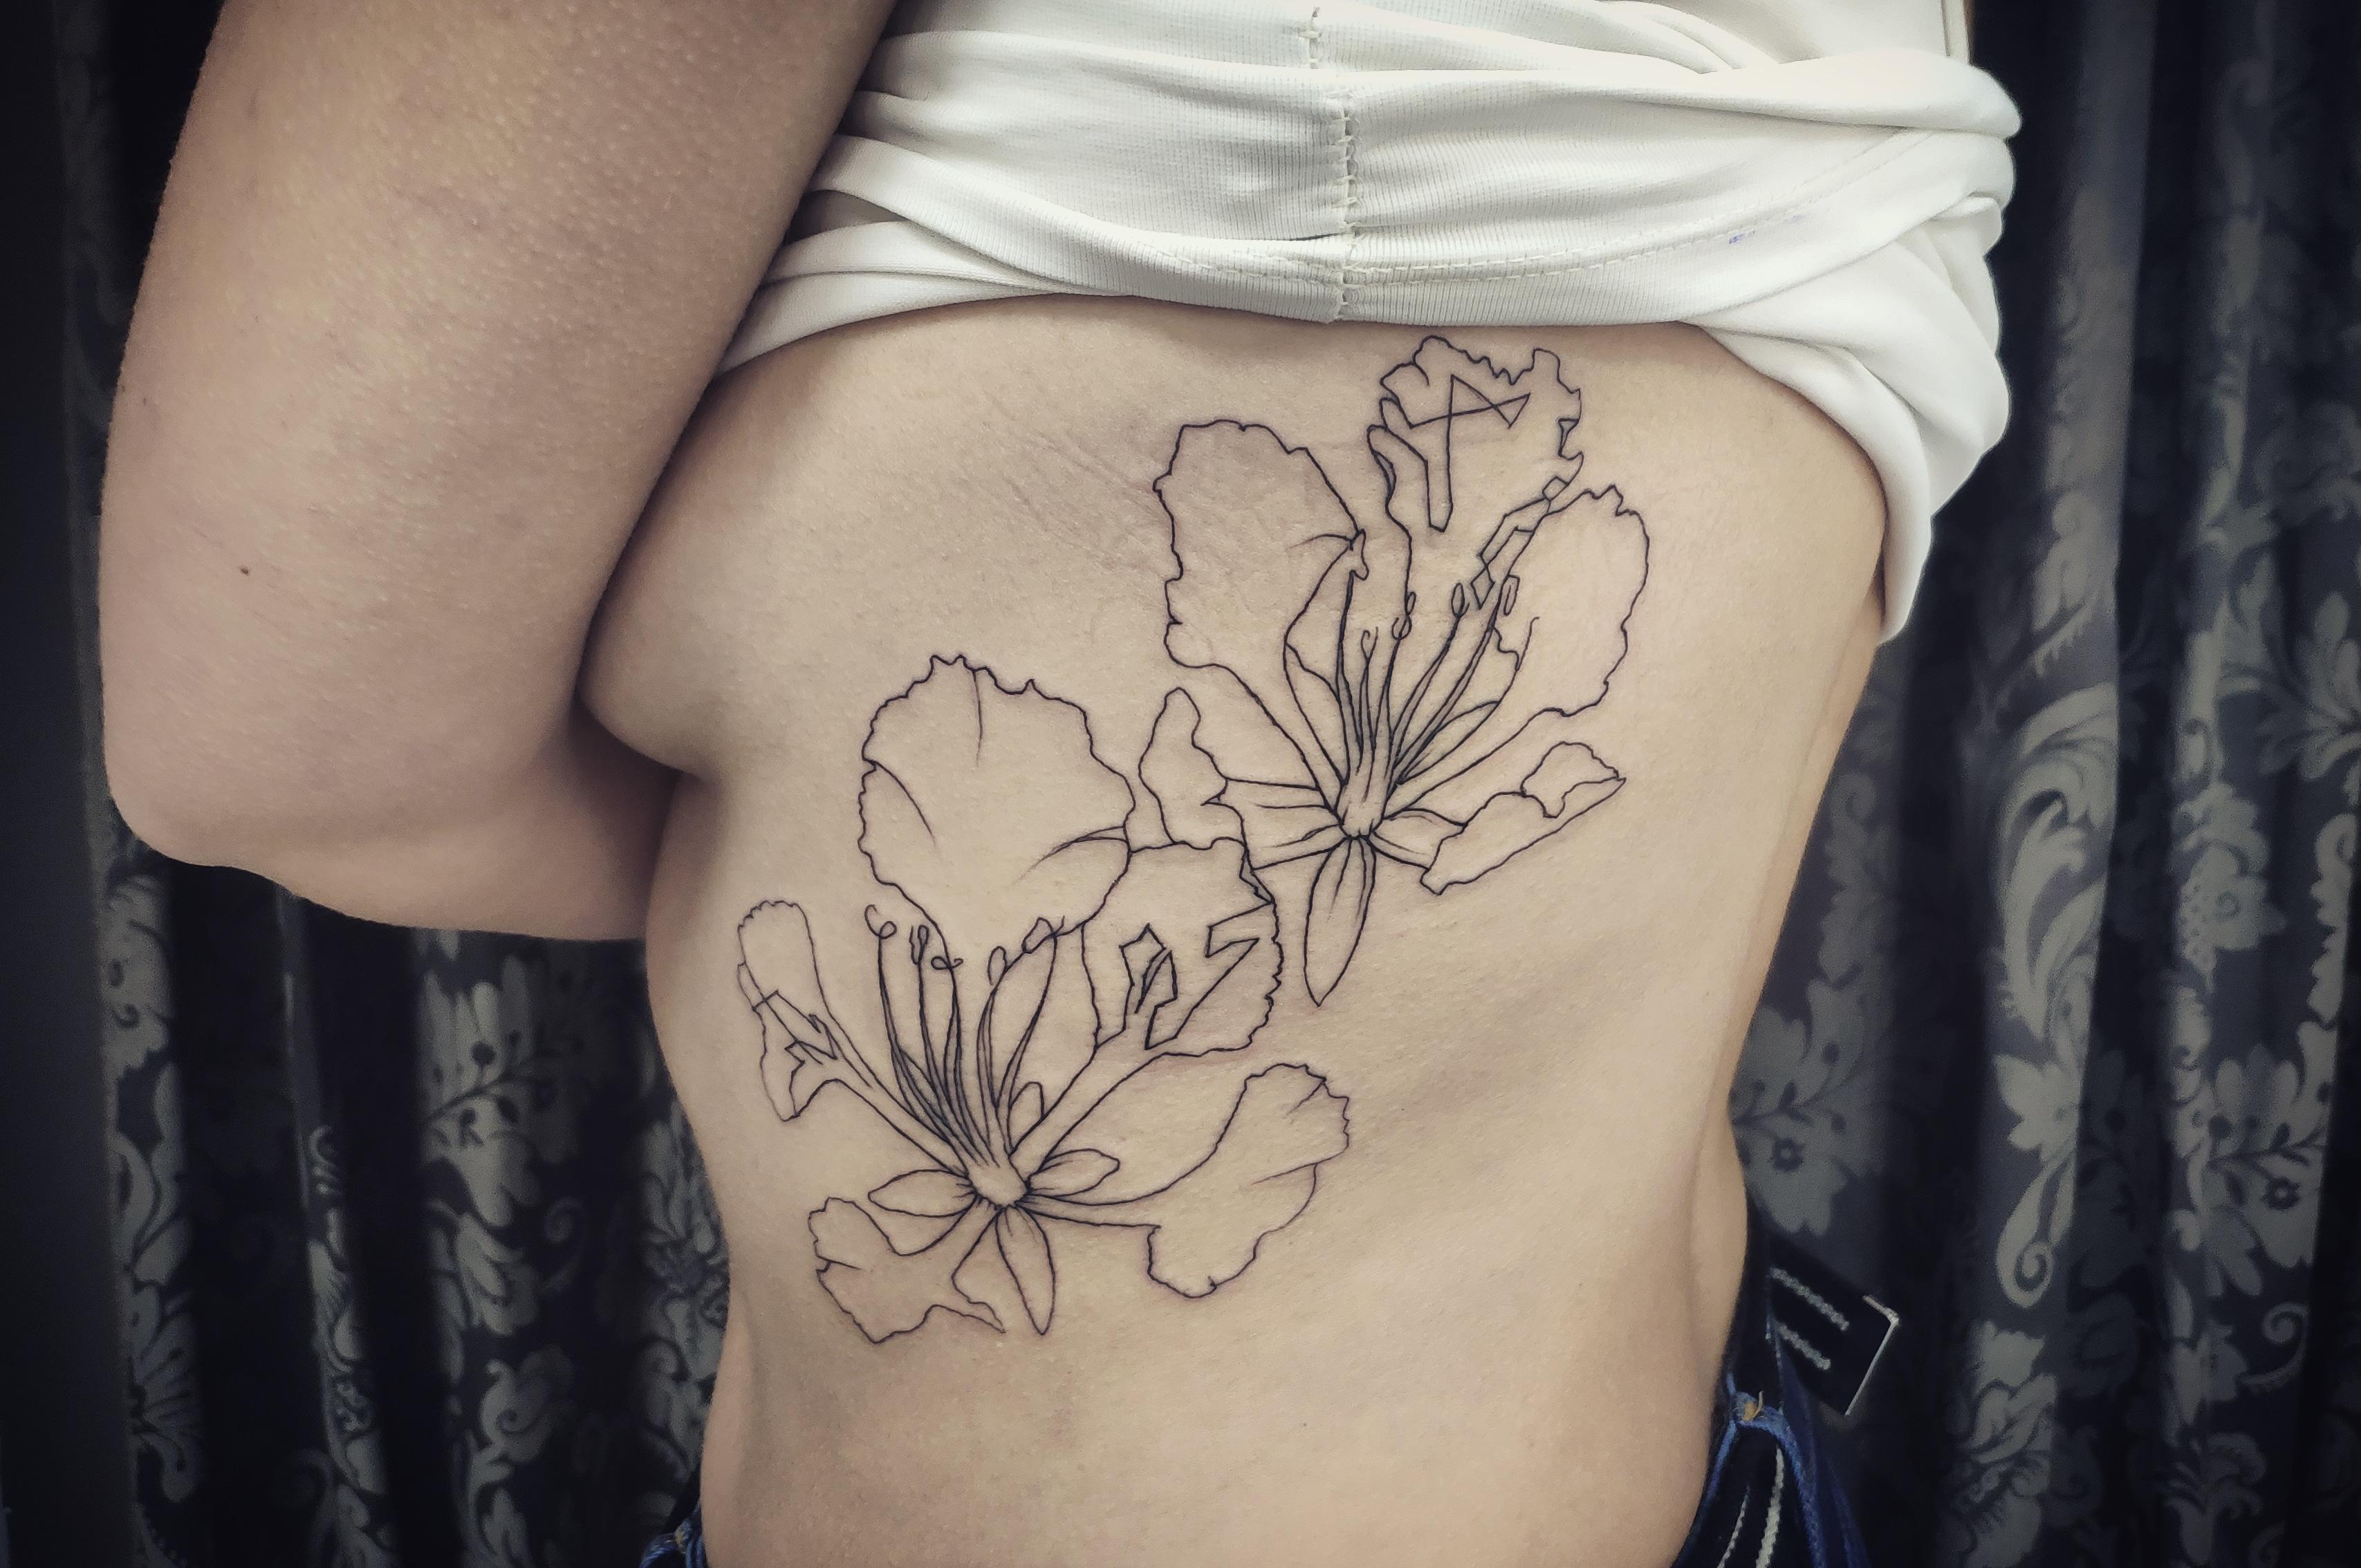 geometria, tatuajegeometrico, madridtattoo, tattooshopmadrid, geometrictattoo, lineamuyfina, tatuajelineafina, finelinetattoo, fineline, hiperfineline, mejorestatuajesmadrid